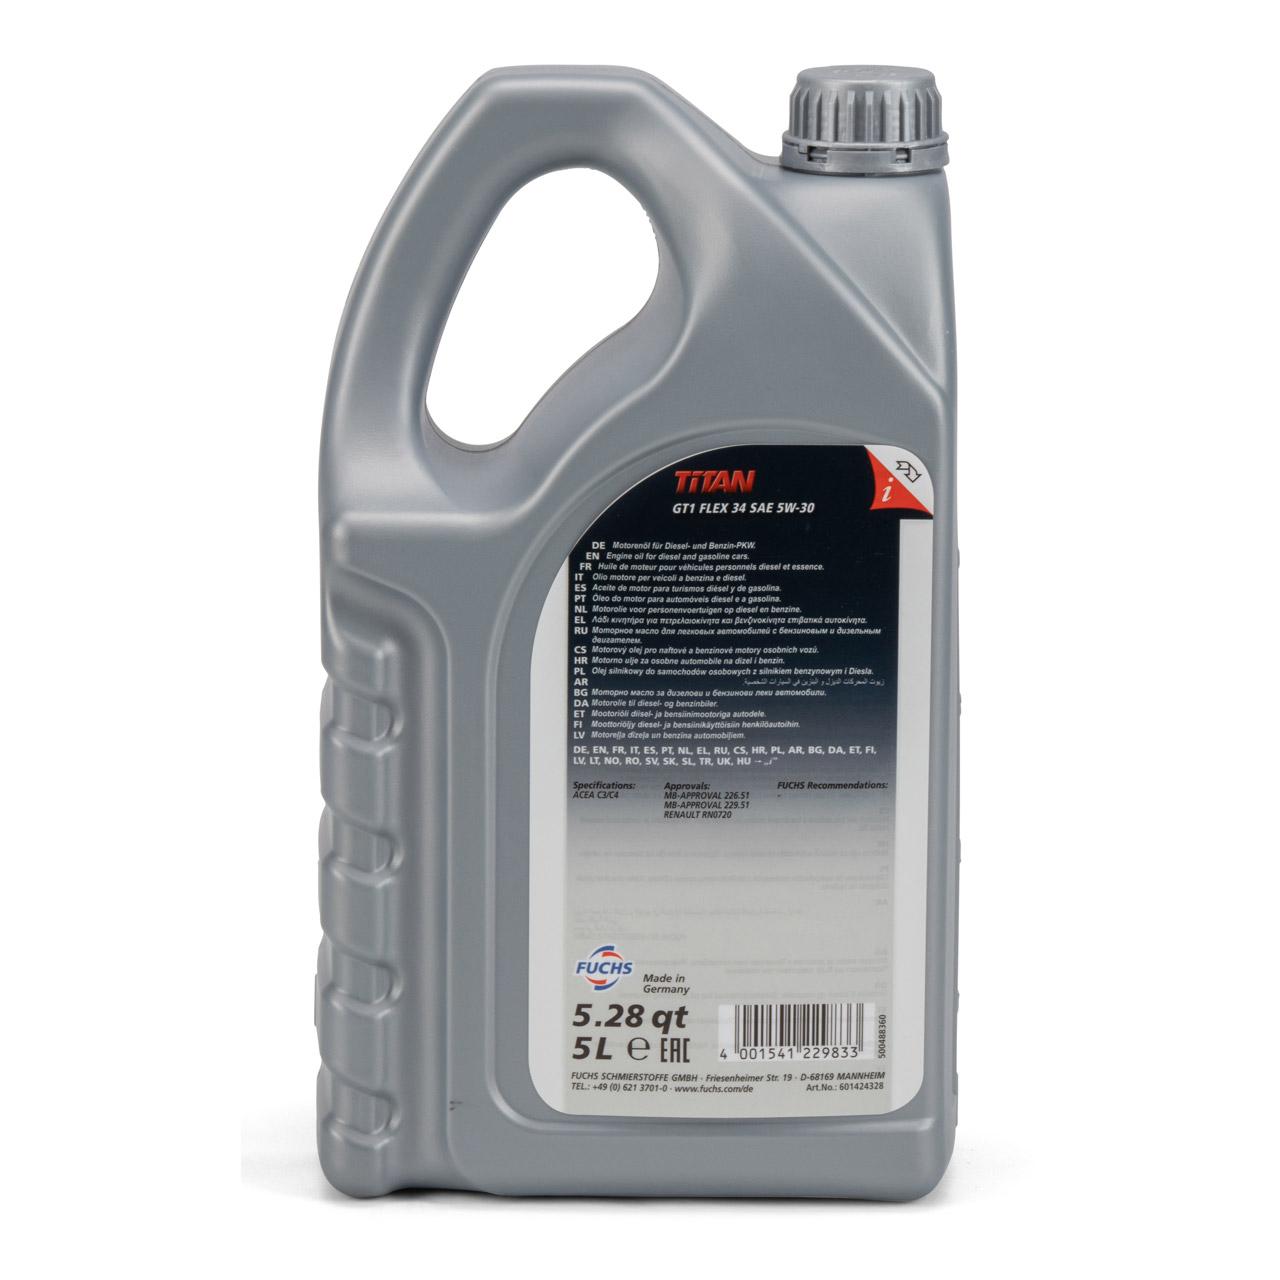 FUCHS Motoröl TITAN GT1 Flex 34 5W-30 5W30 MB 226.51 229.51 RN0720 - 5L 5 Liter